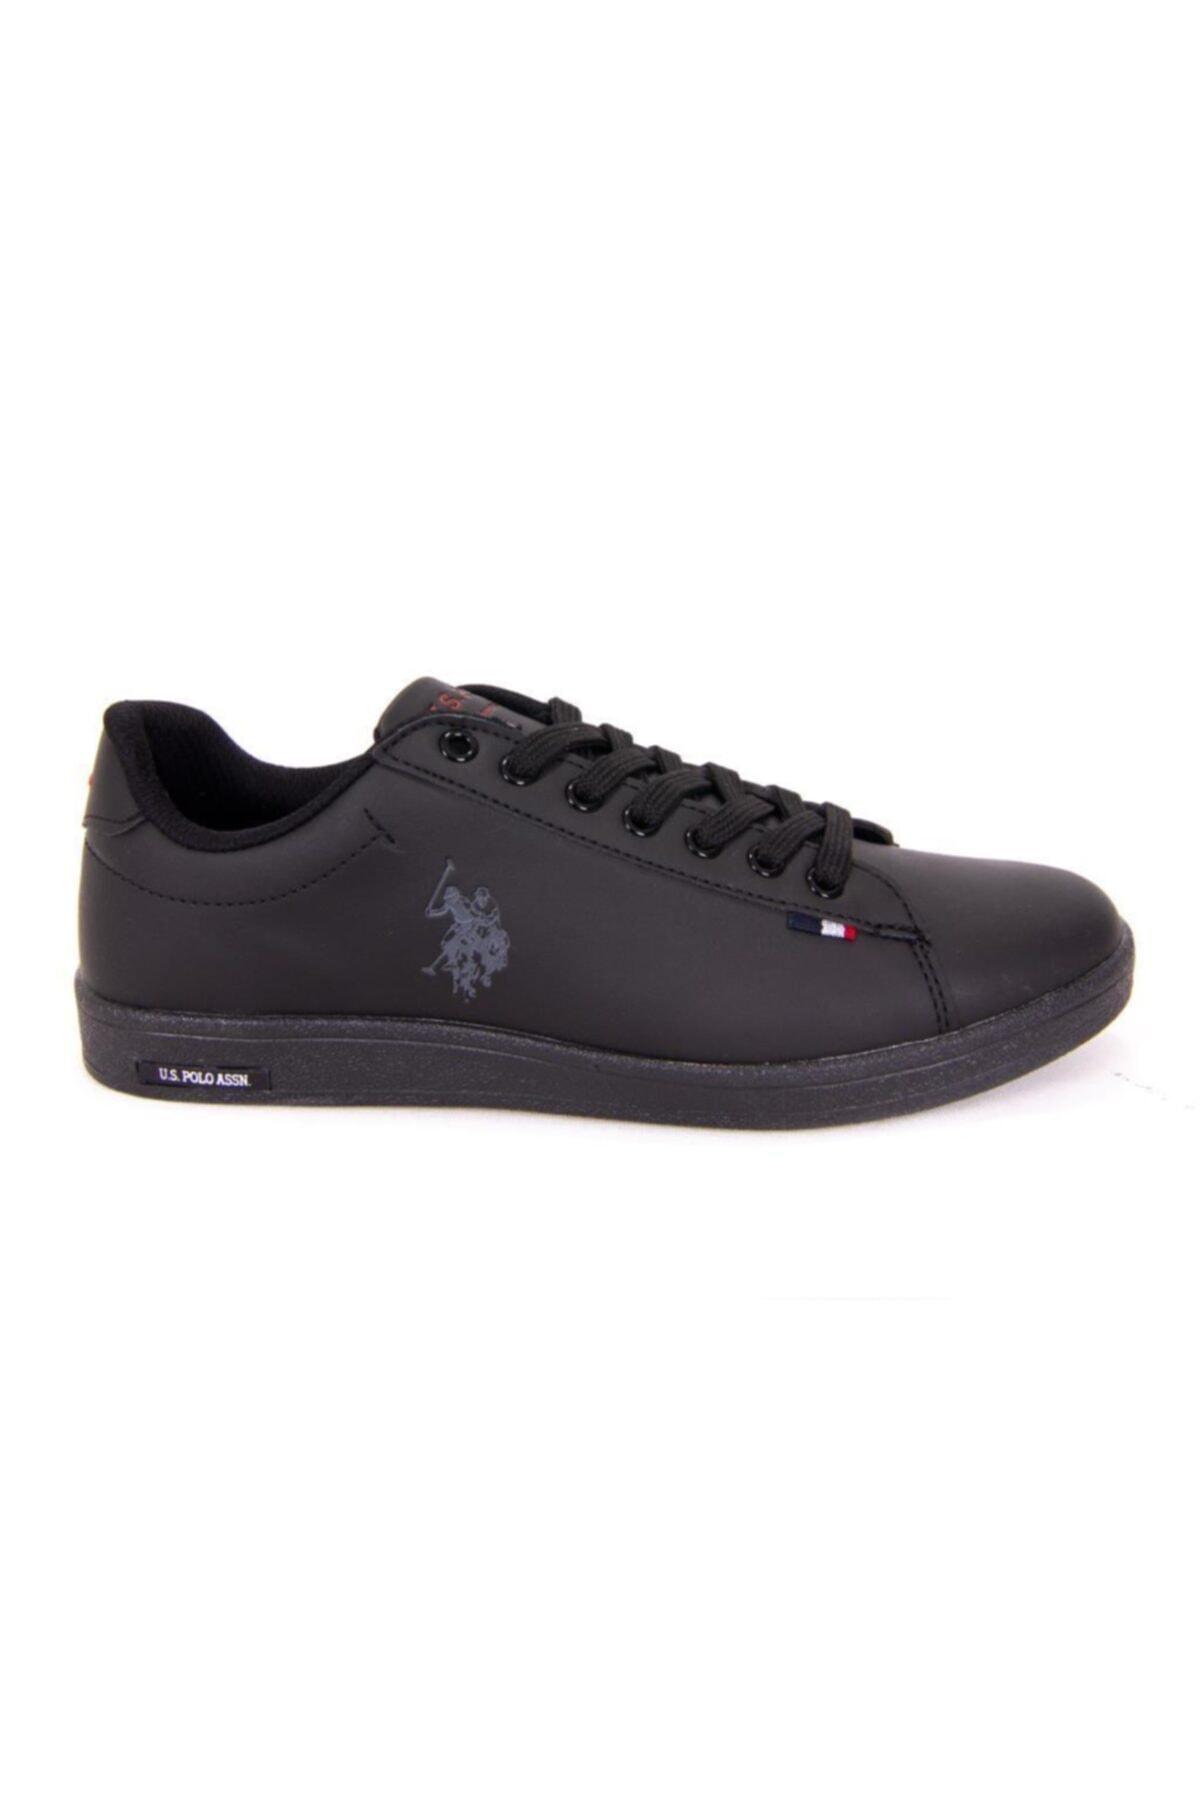 U.S POLO FRANCO DHM Siyah Kadın Sneaker Ayakkabı 100548977 2